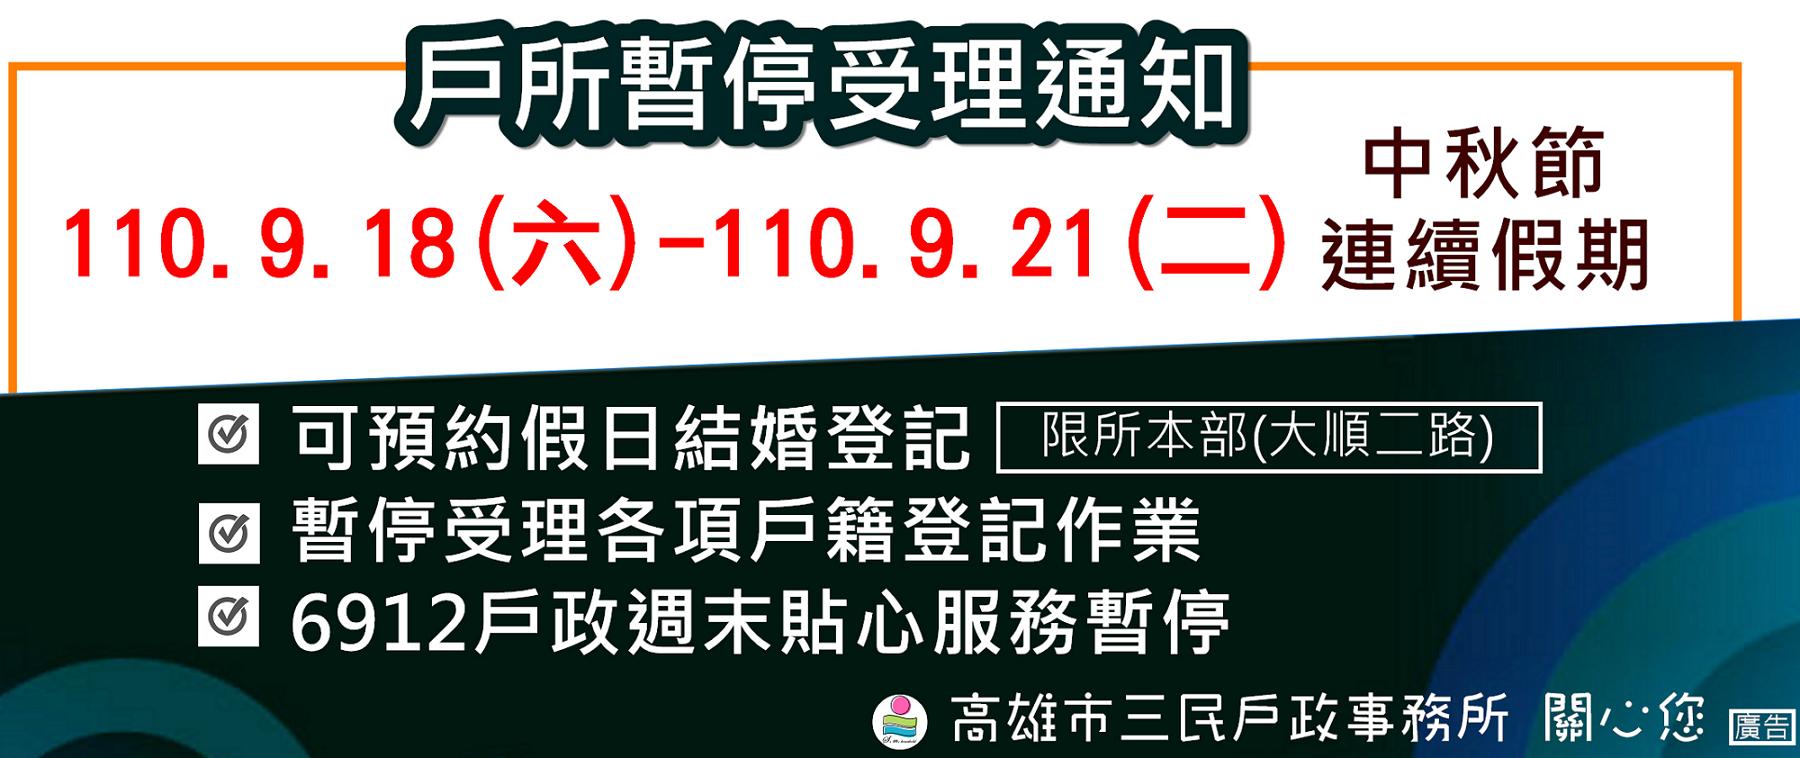 110.9.18-110.9.21中秋節連假戶政暫停受理